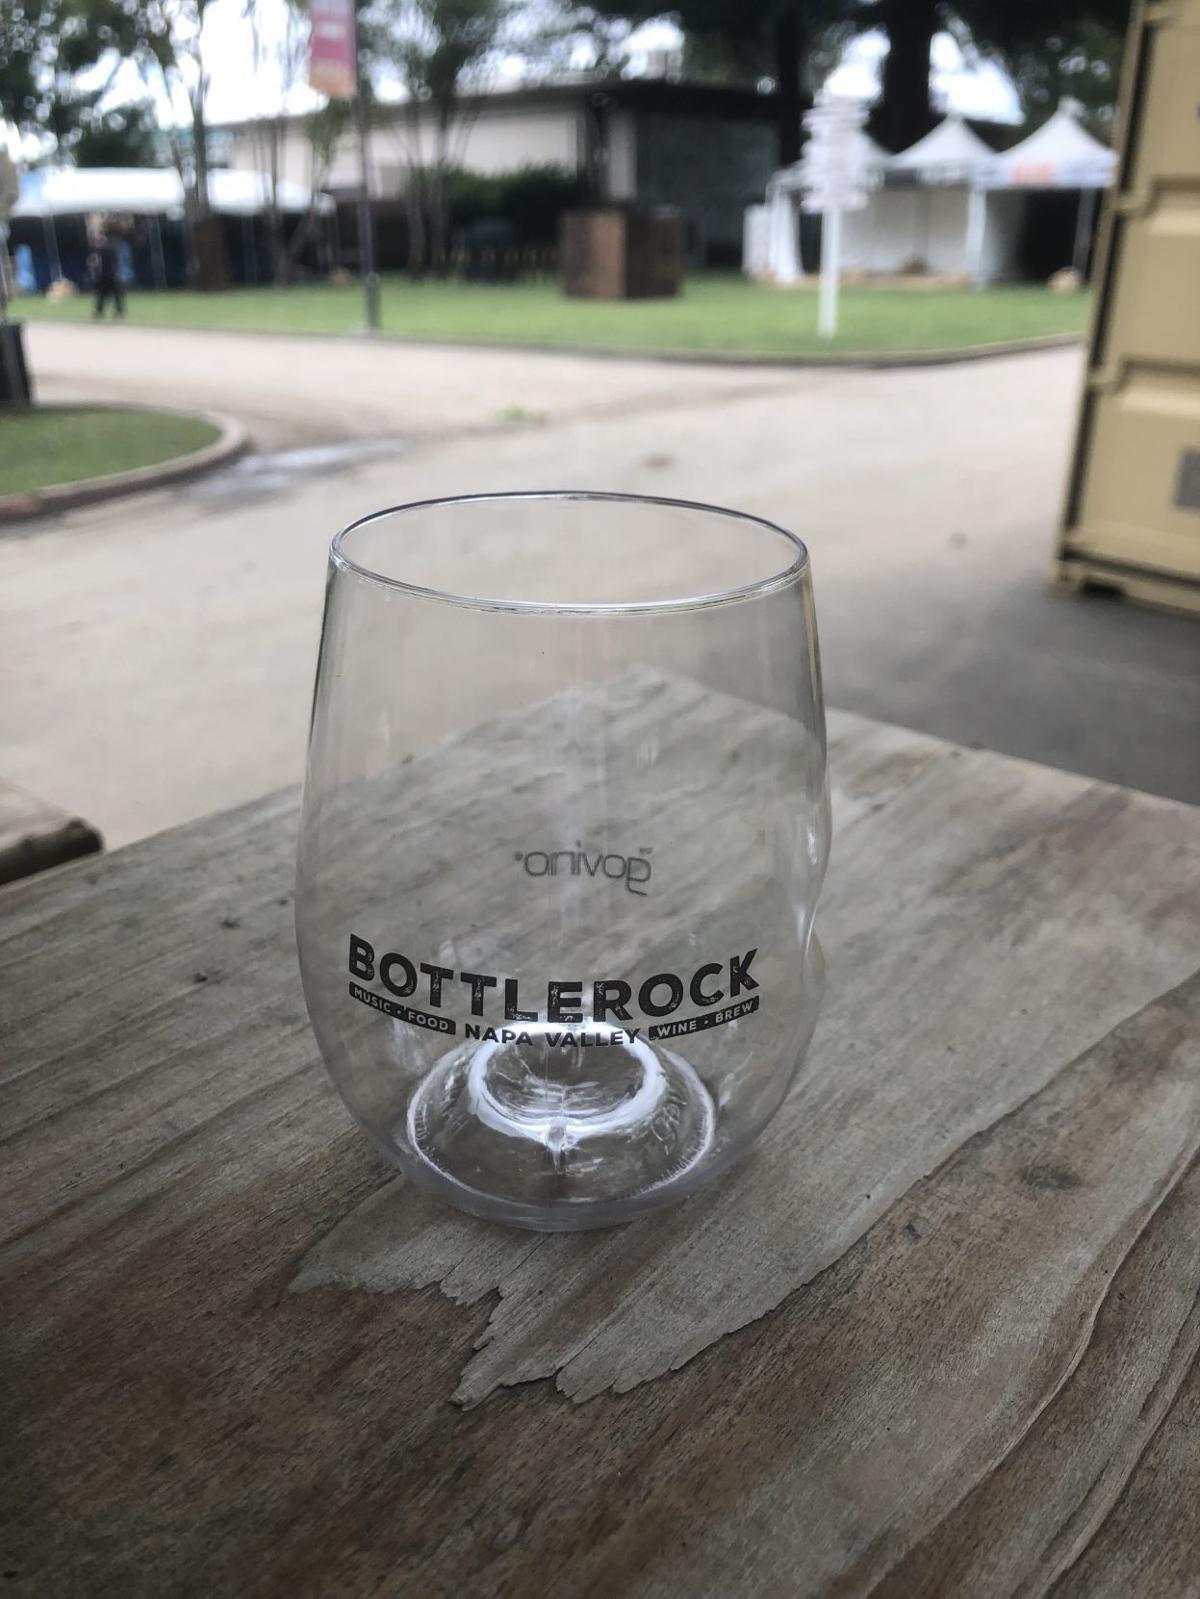 Reusable wine glass for BottleRock music festival in Napa